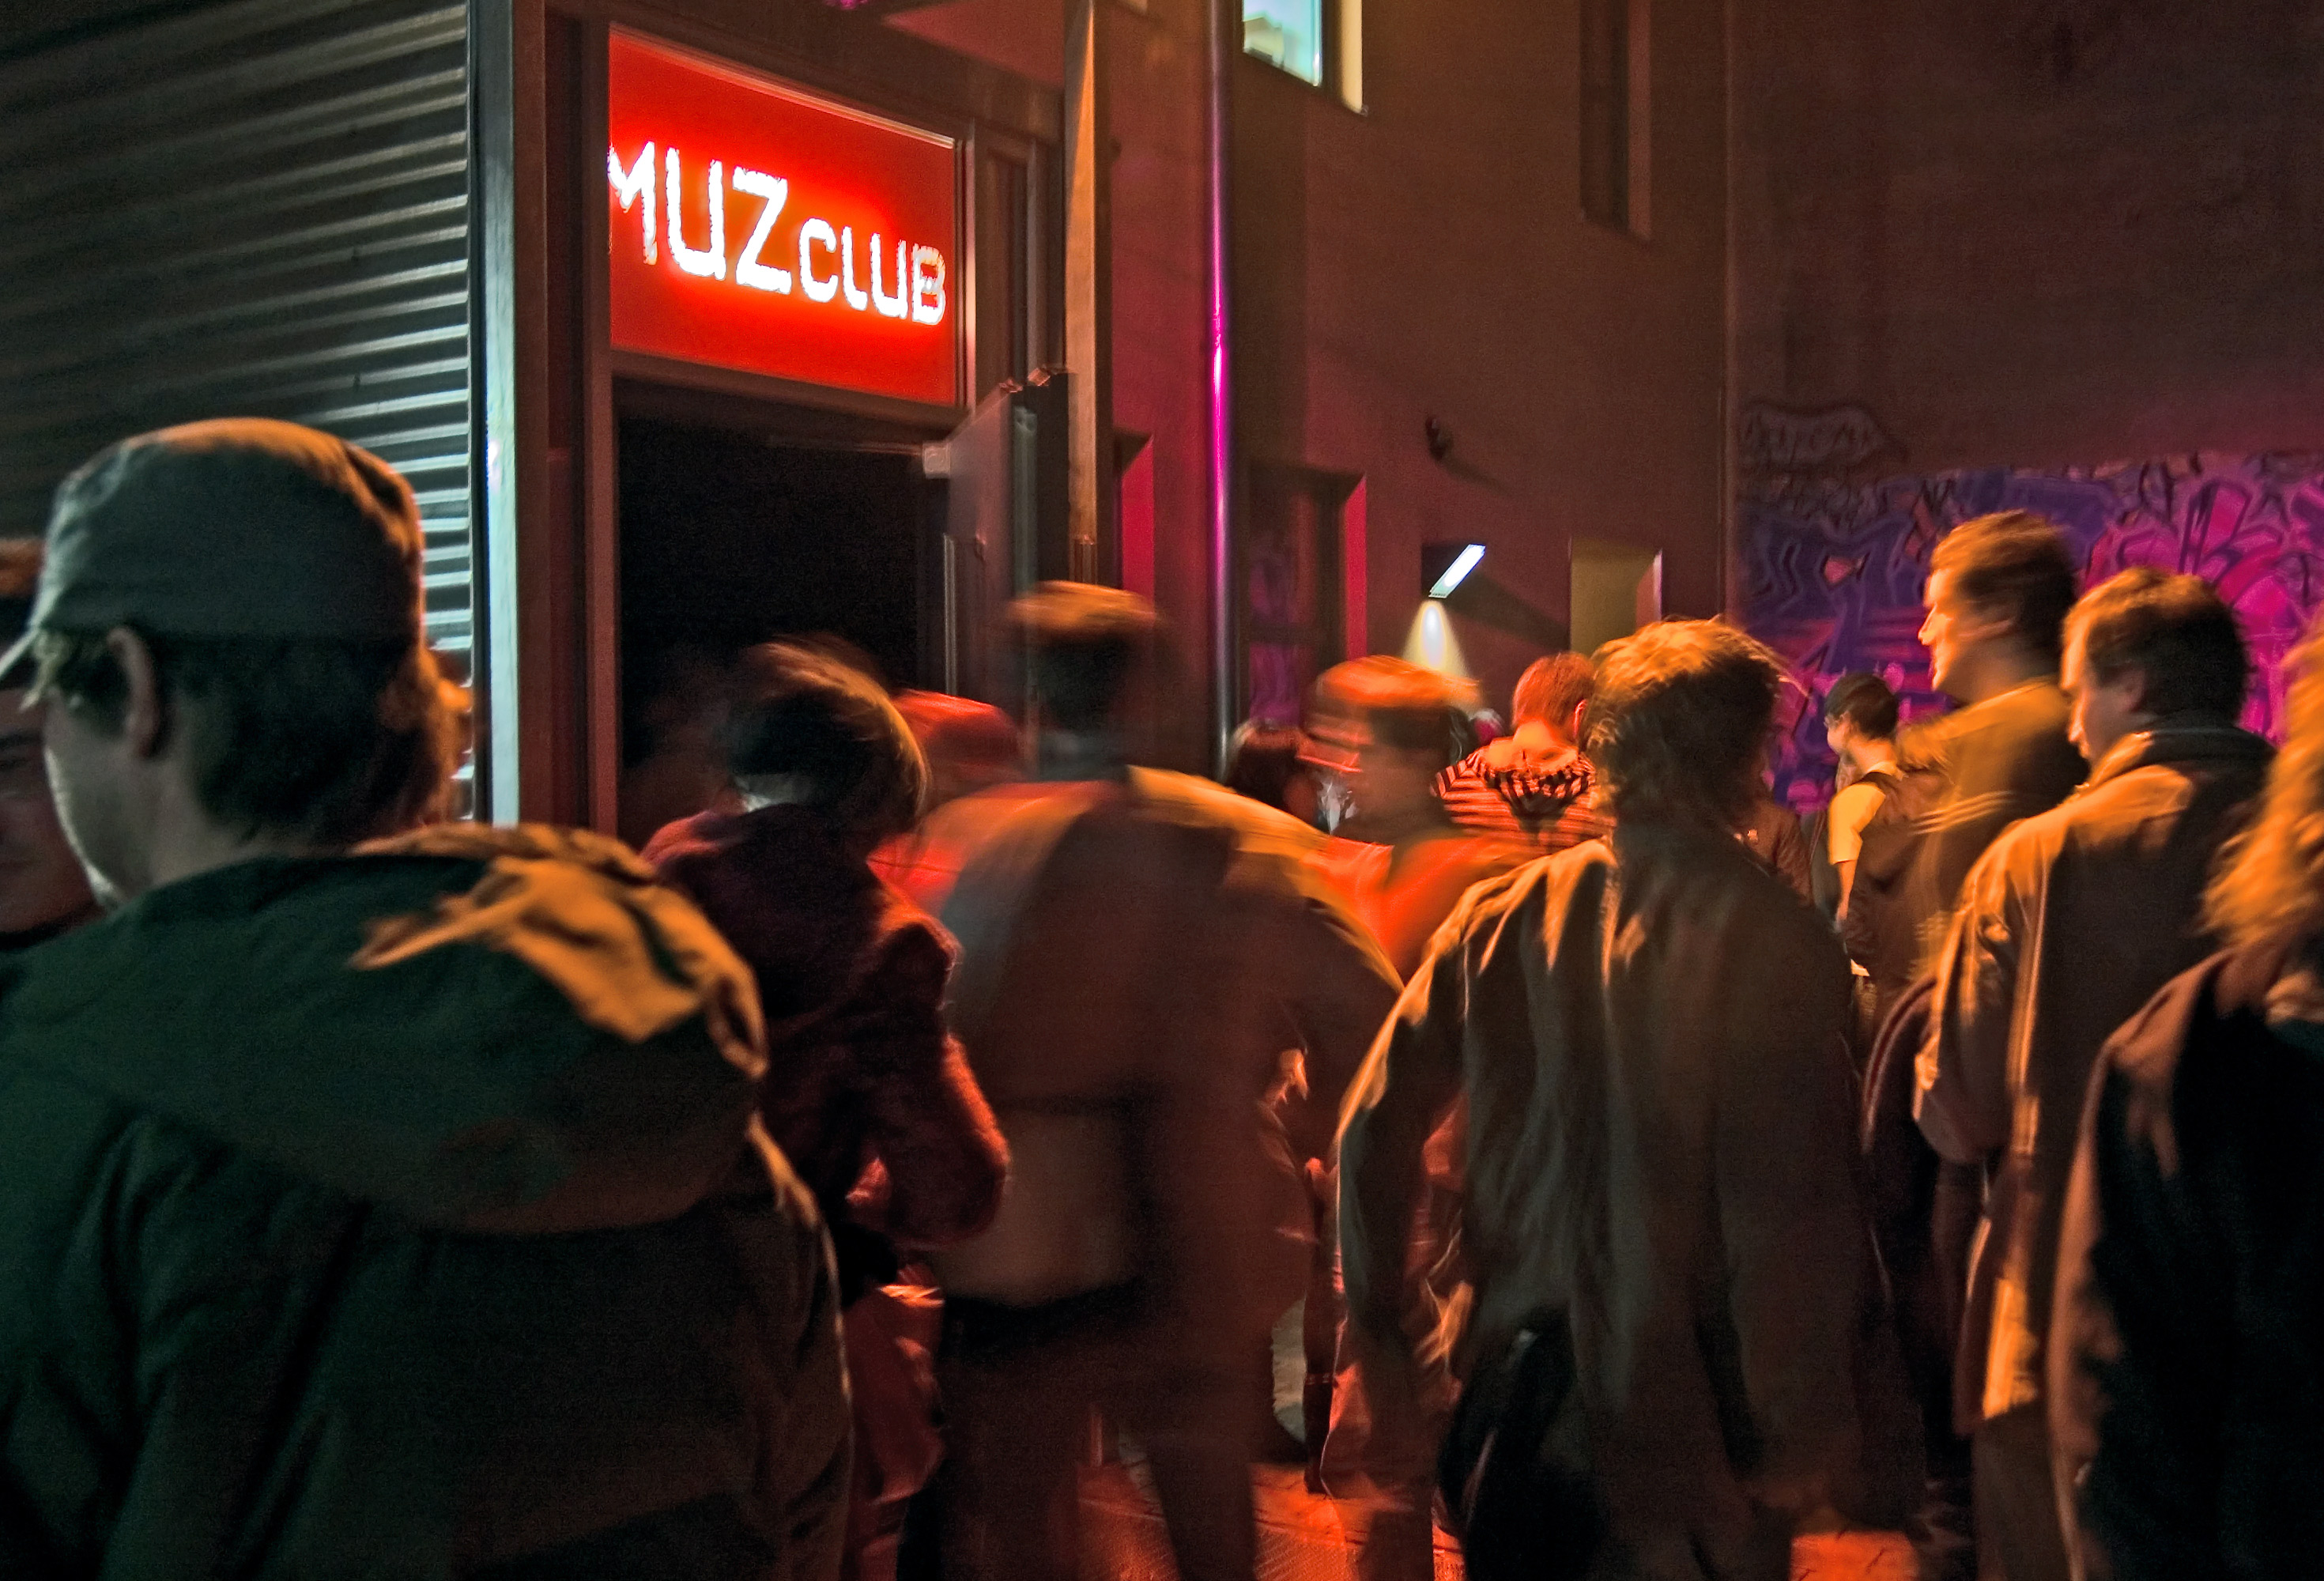 Feste Größe im Nürnberger Nachtleben und gut besucht: der MUZClub.